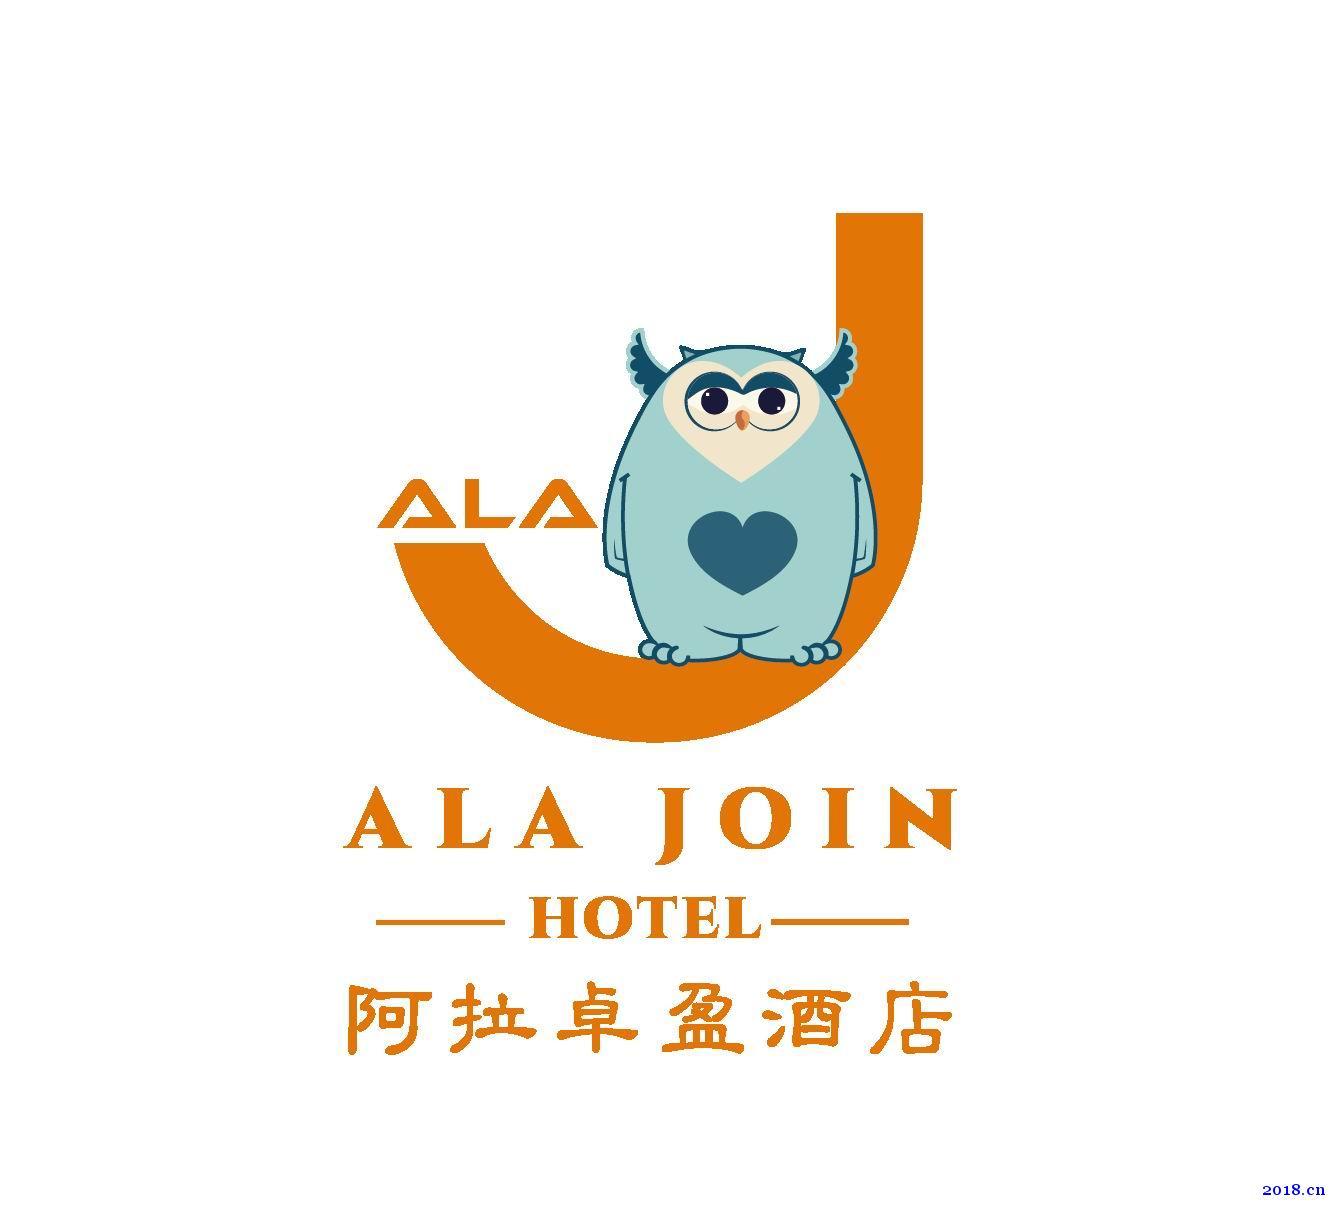 深圳阿拉卓盈酒店集团加盟、收购、承包(全肇庆地区)